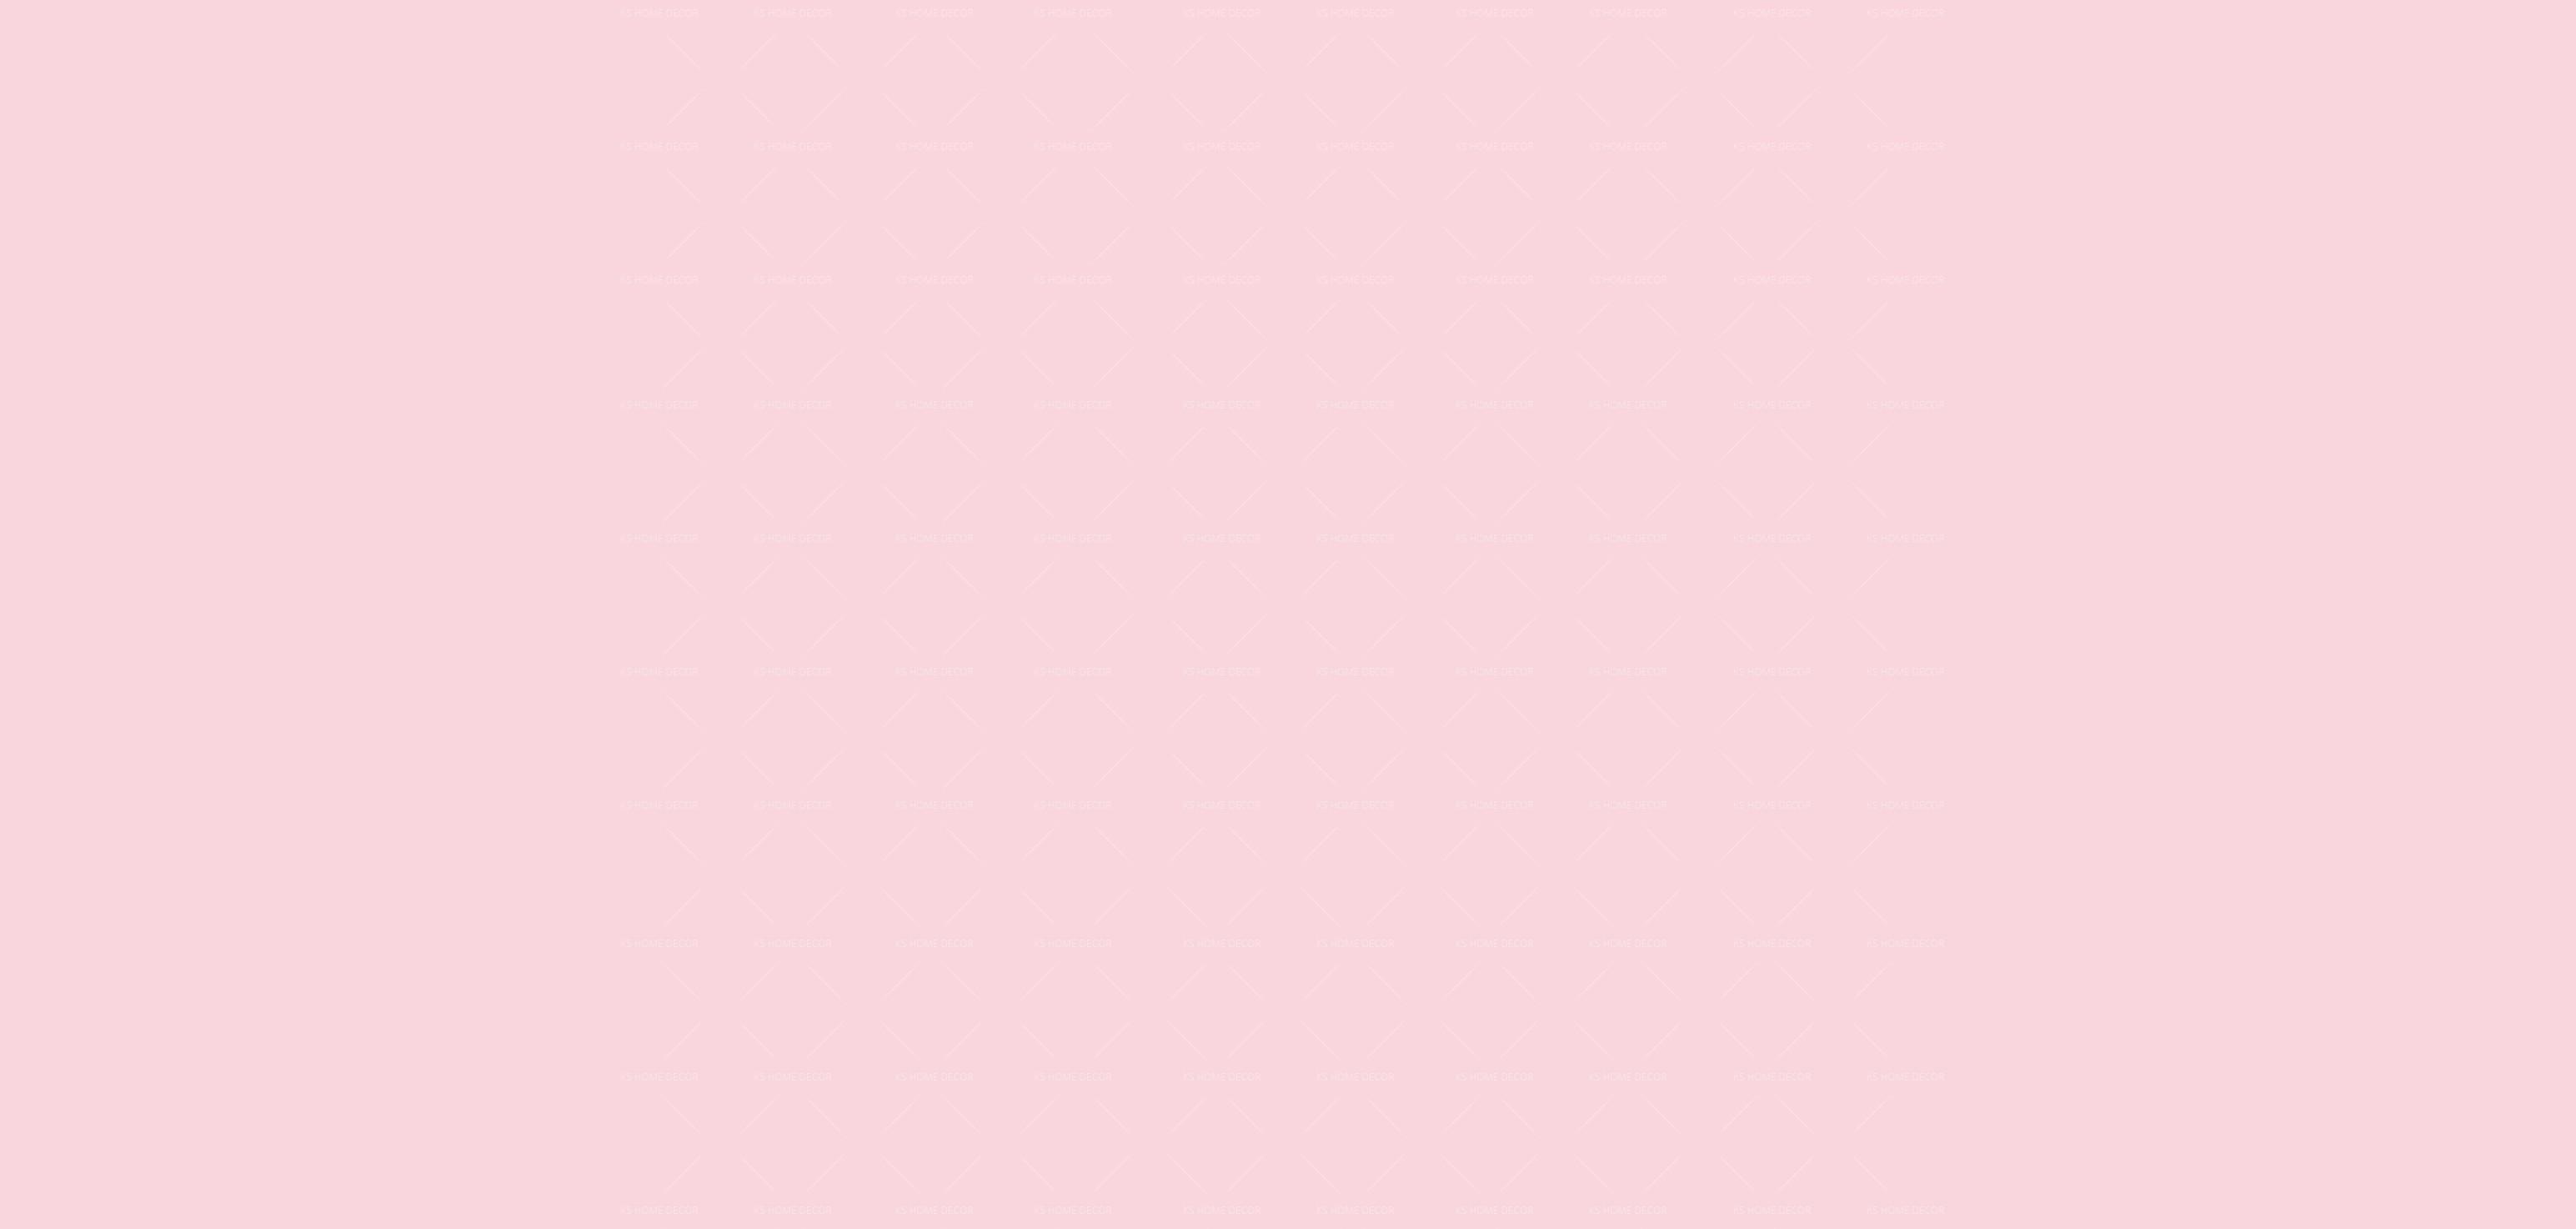 plain light pink wallpaper